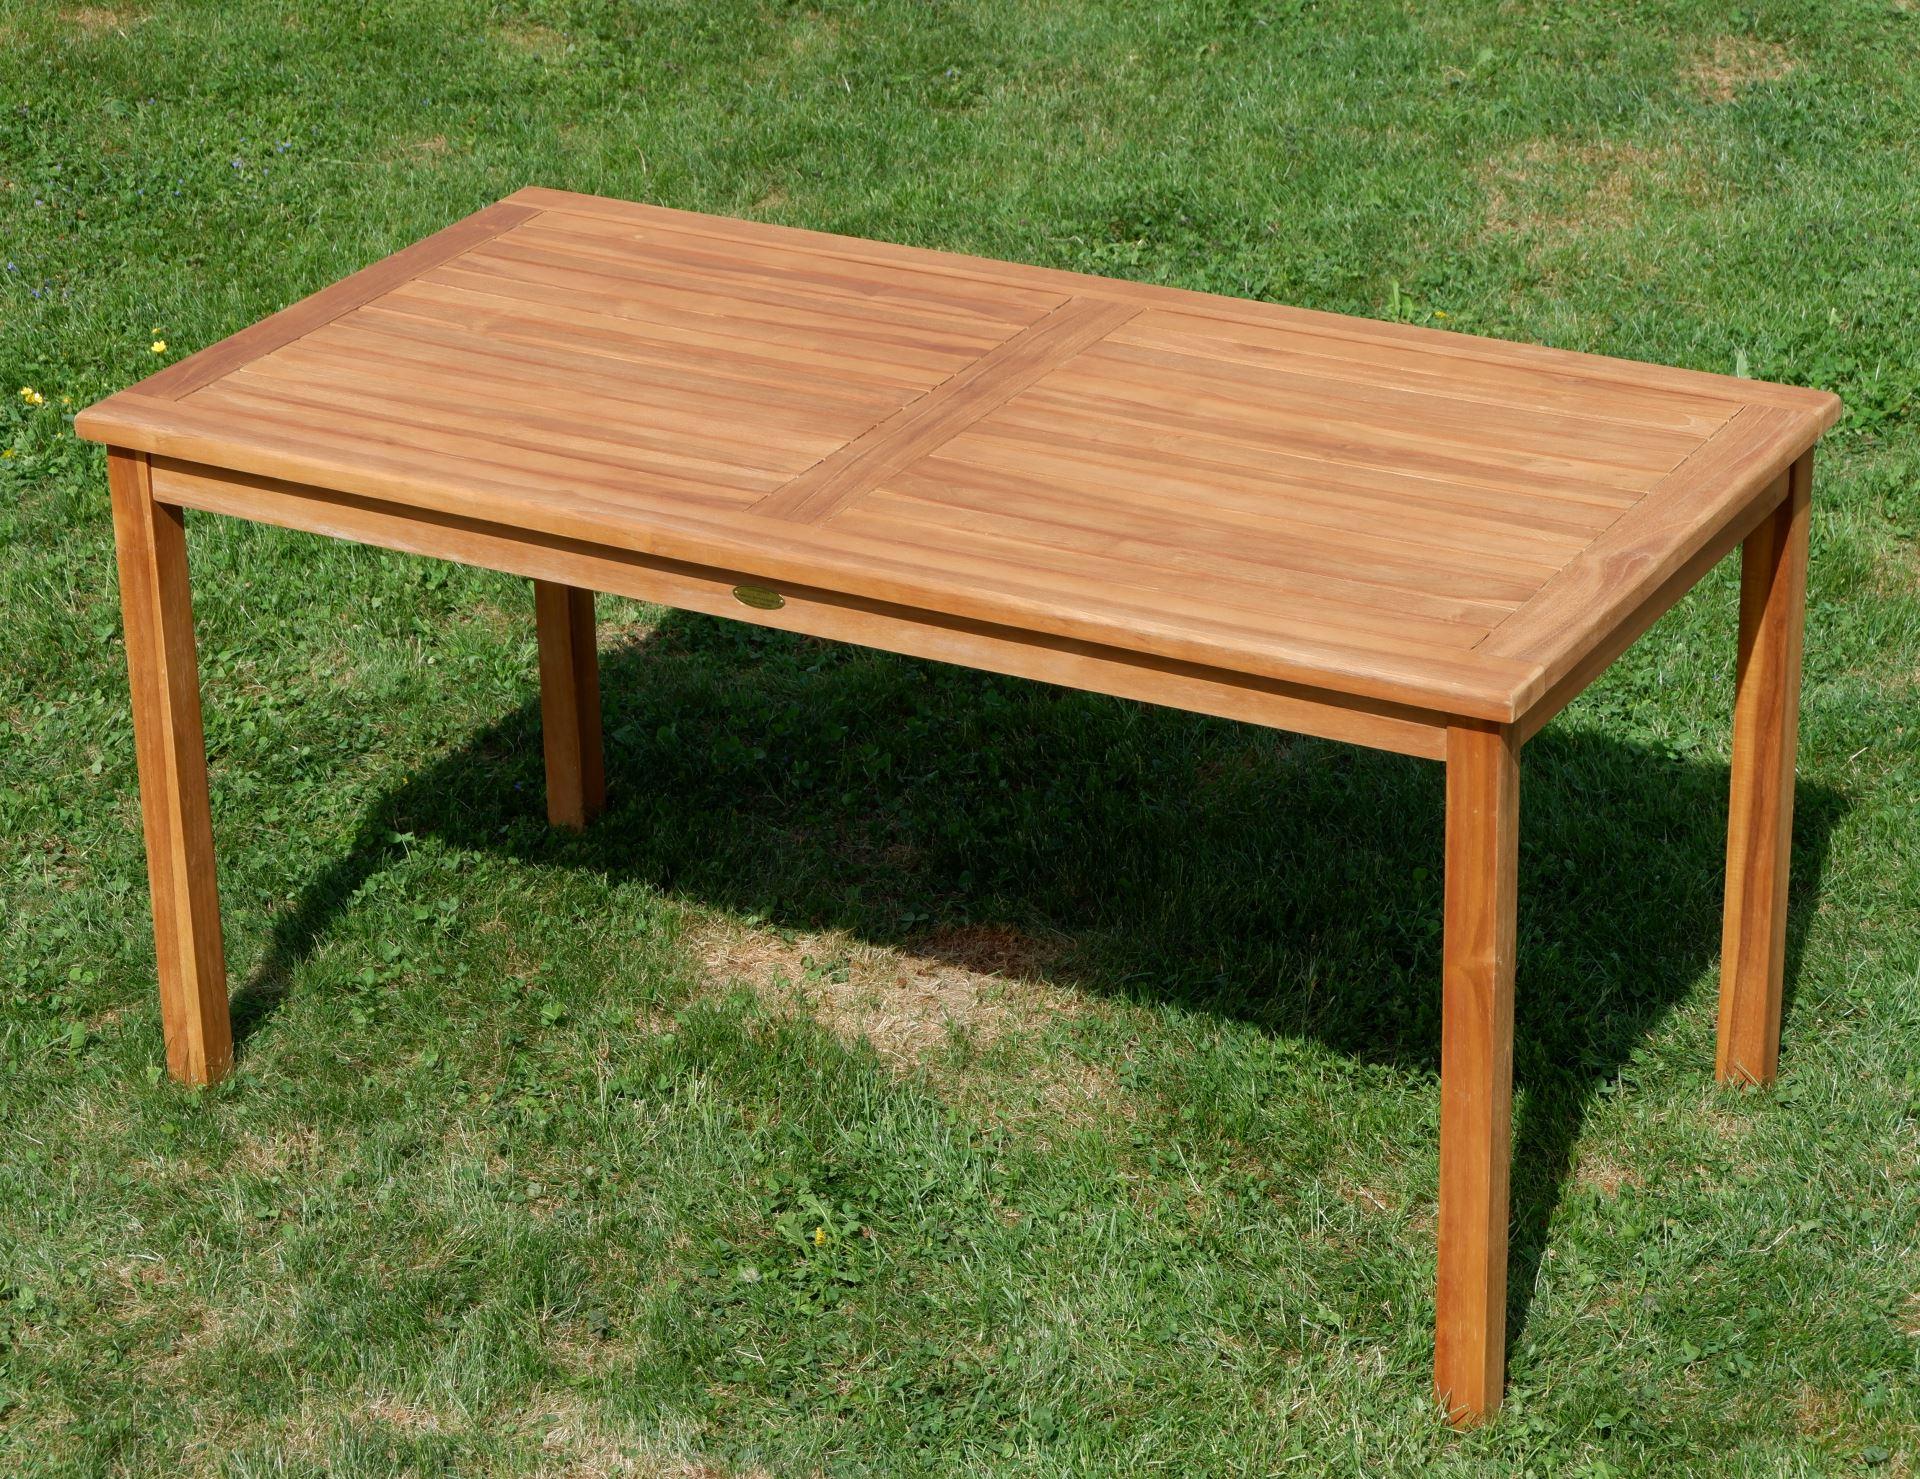 Tisch 150x80.Teak Set Gartengarnitur Alpen Tisch 150x80 Cm 6 Tobago Sessel Serie Jav